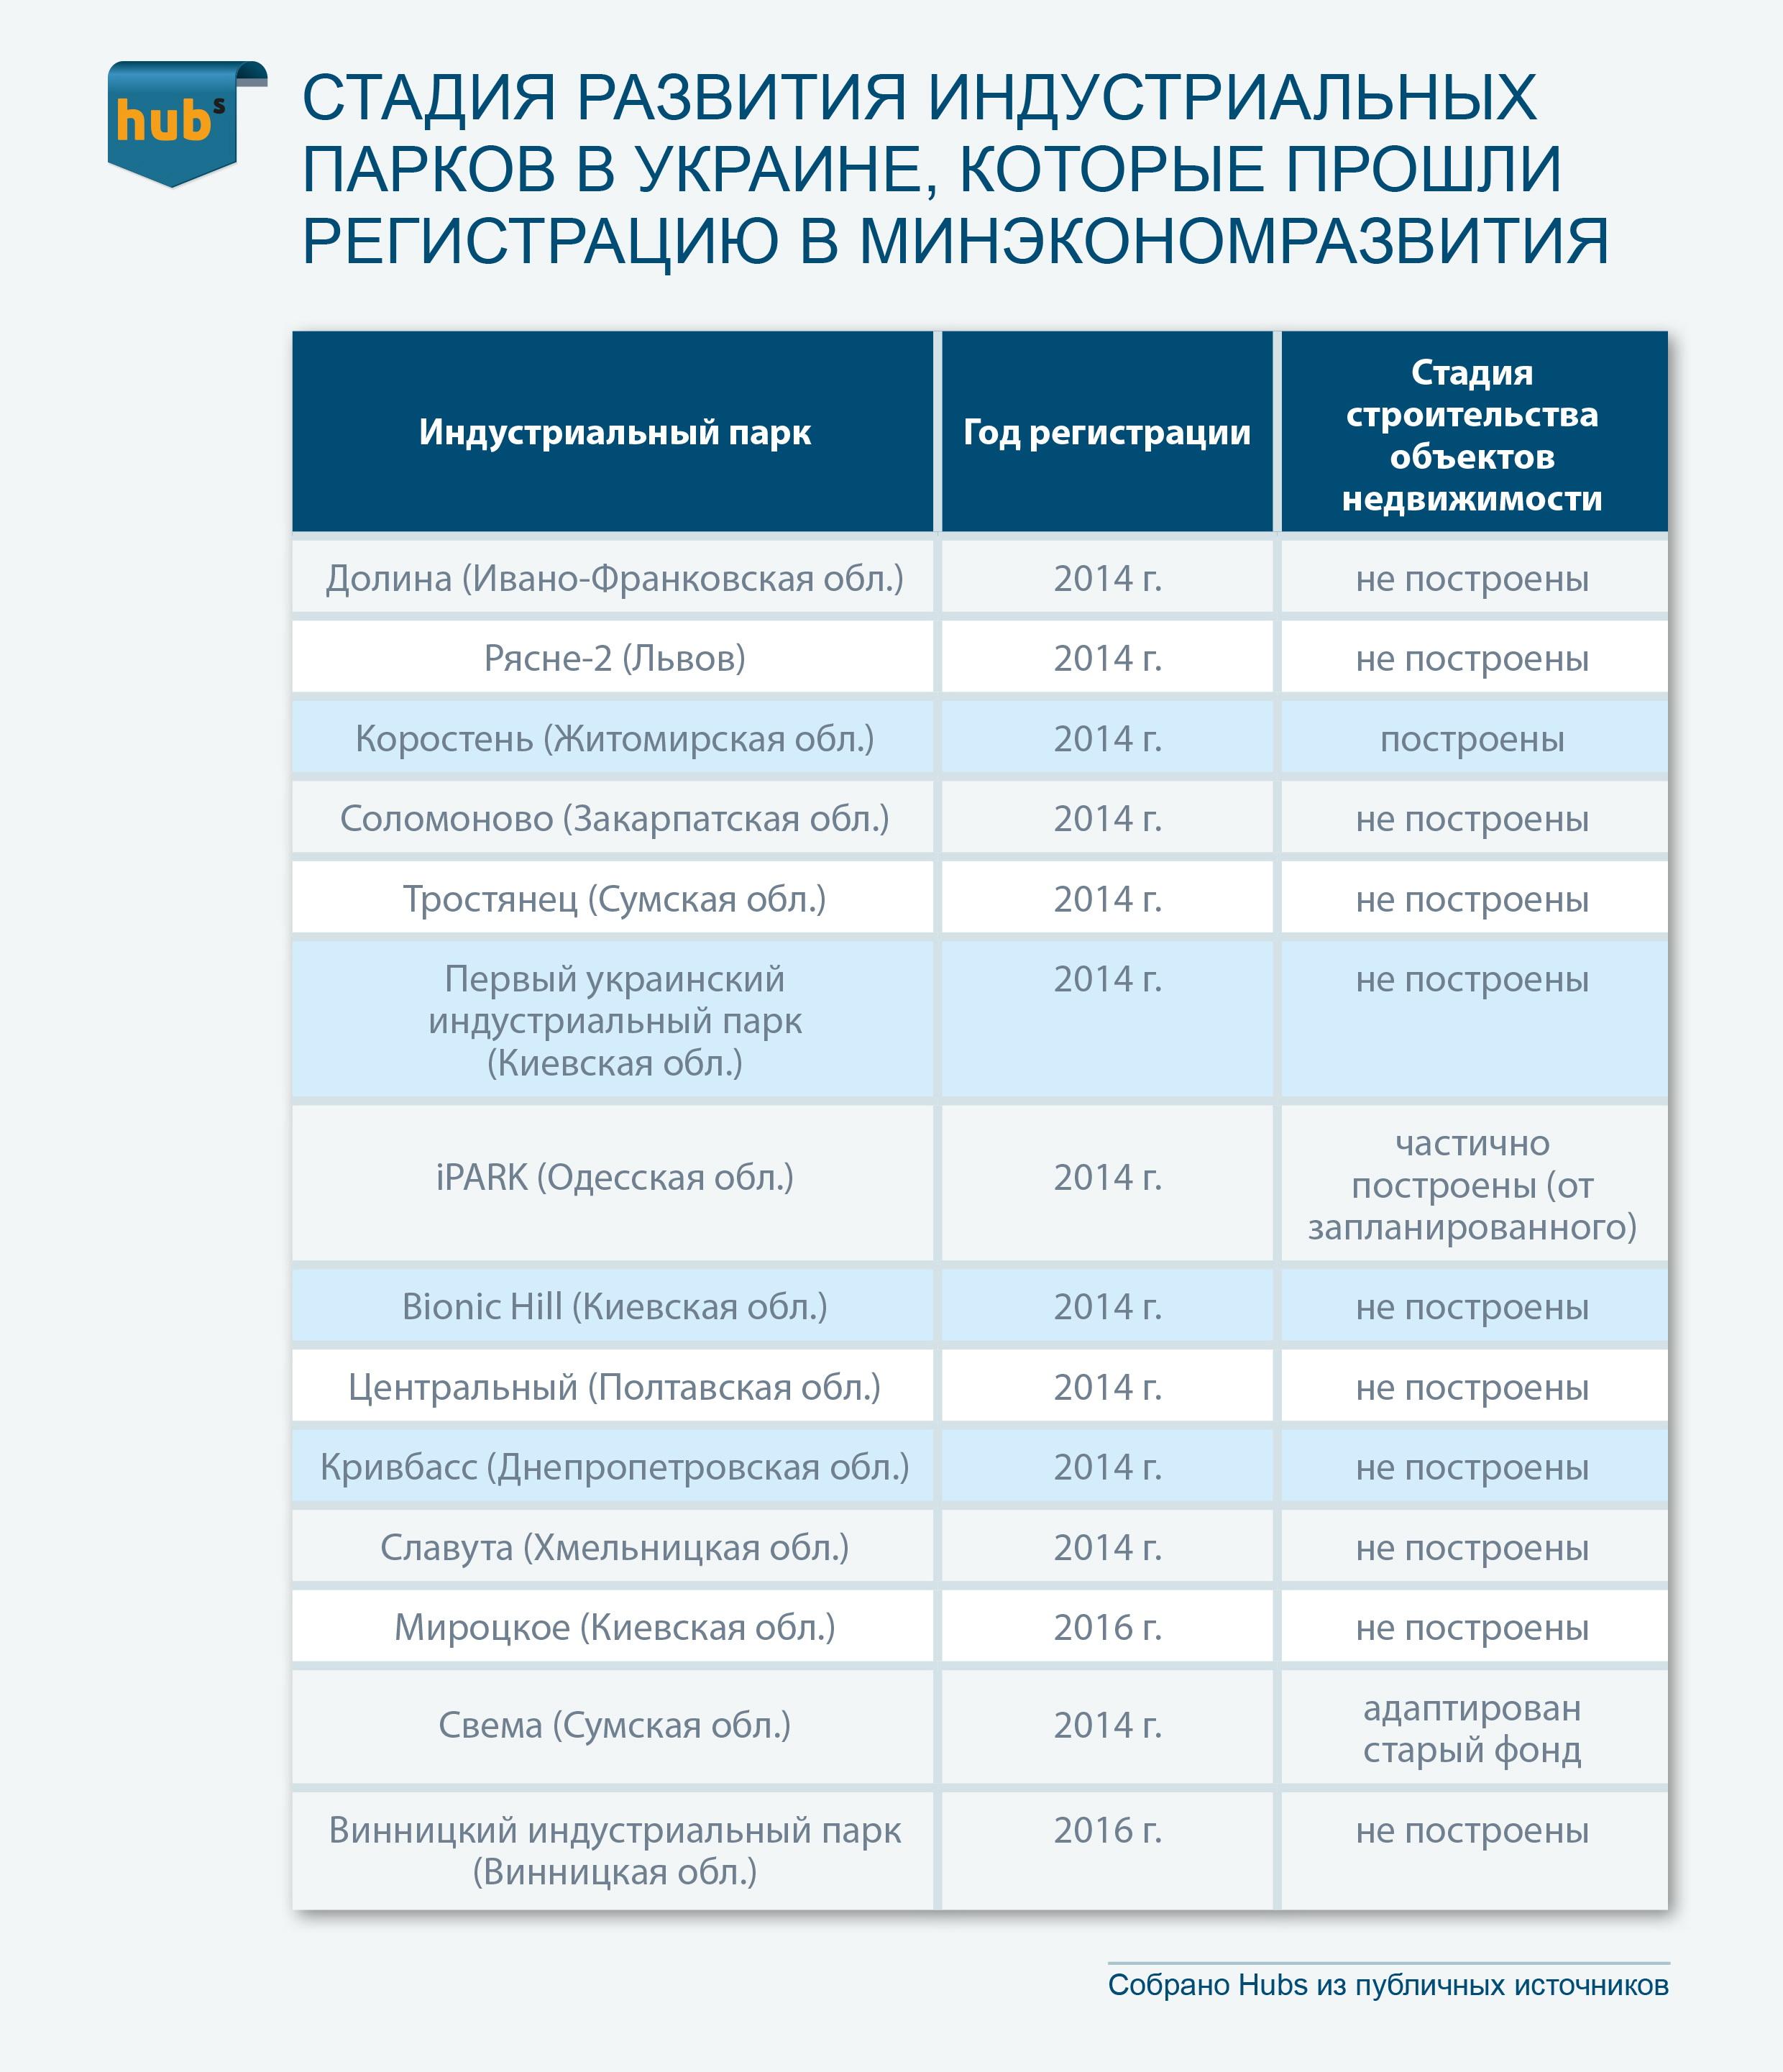 Индустриальные парки в Украине